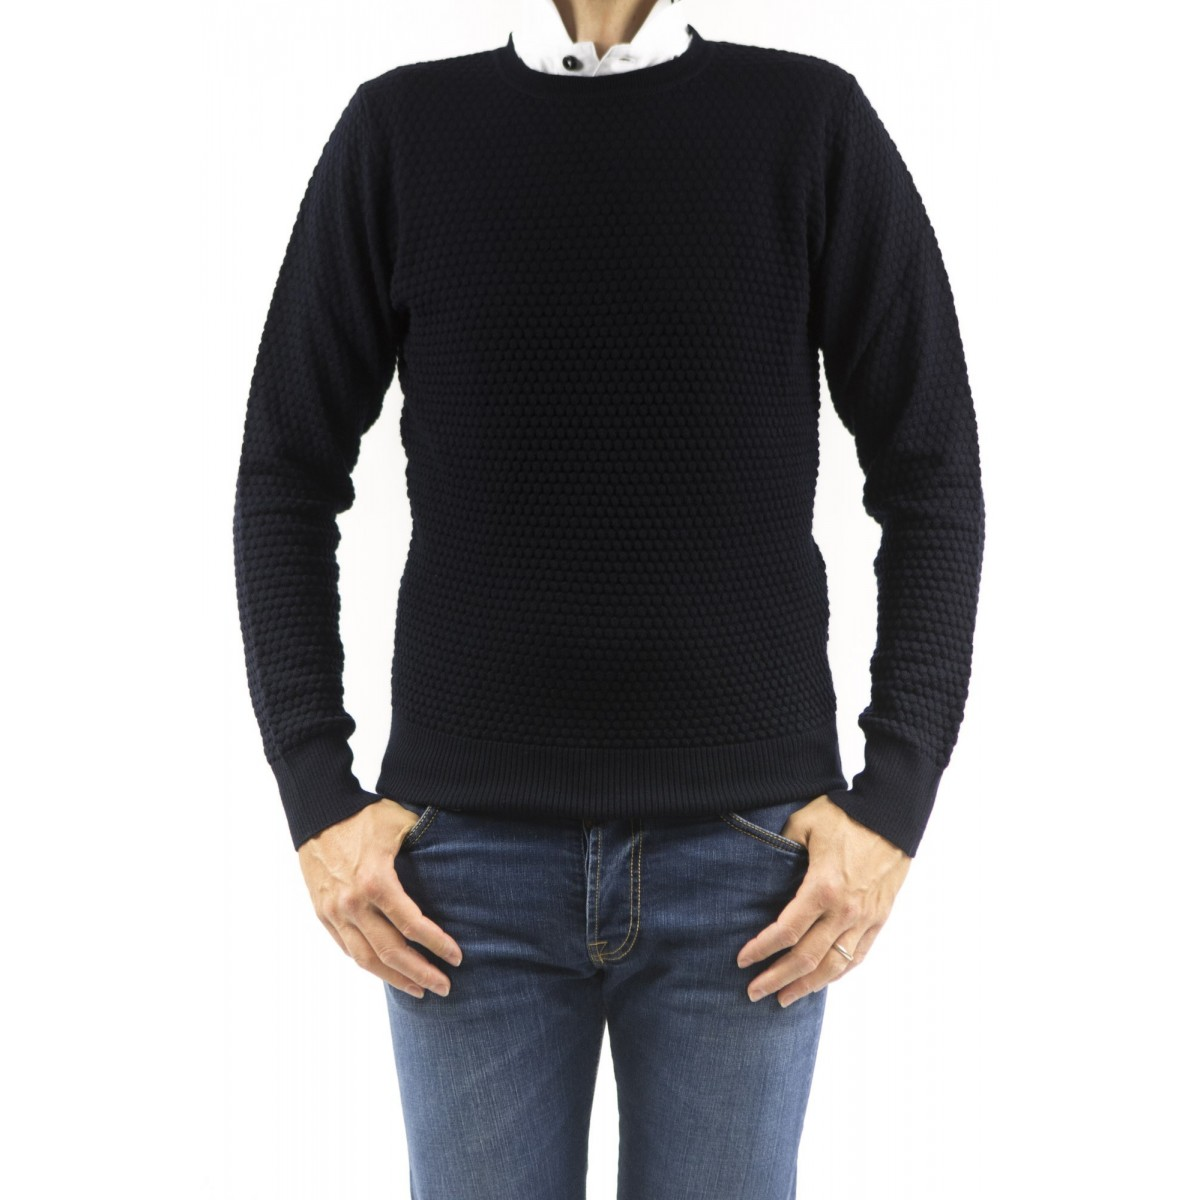 Sweatshirt Kangra Man - 9016 /01 41 - BLU SCURO